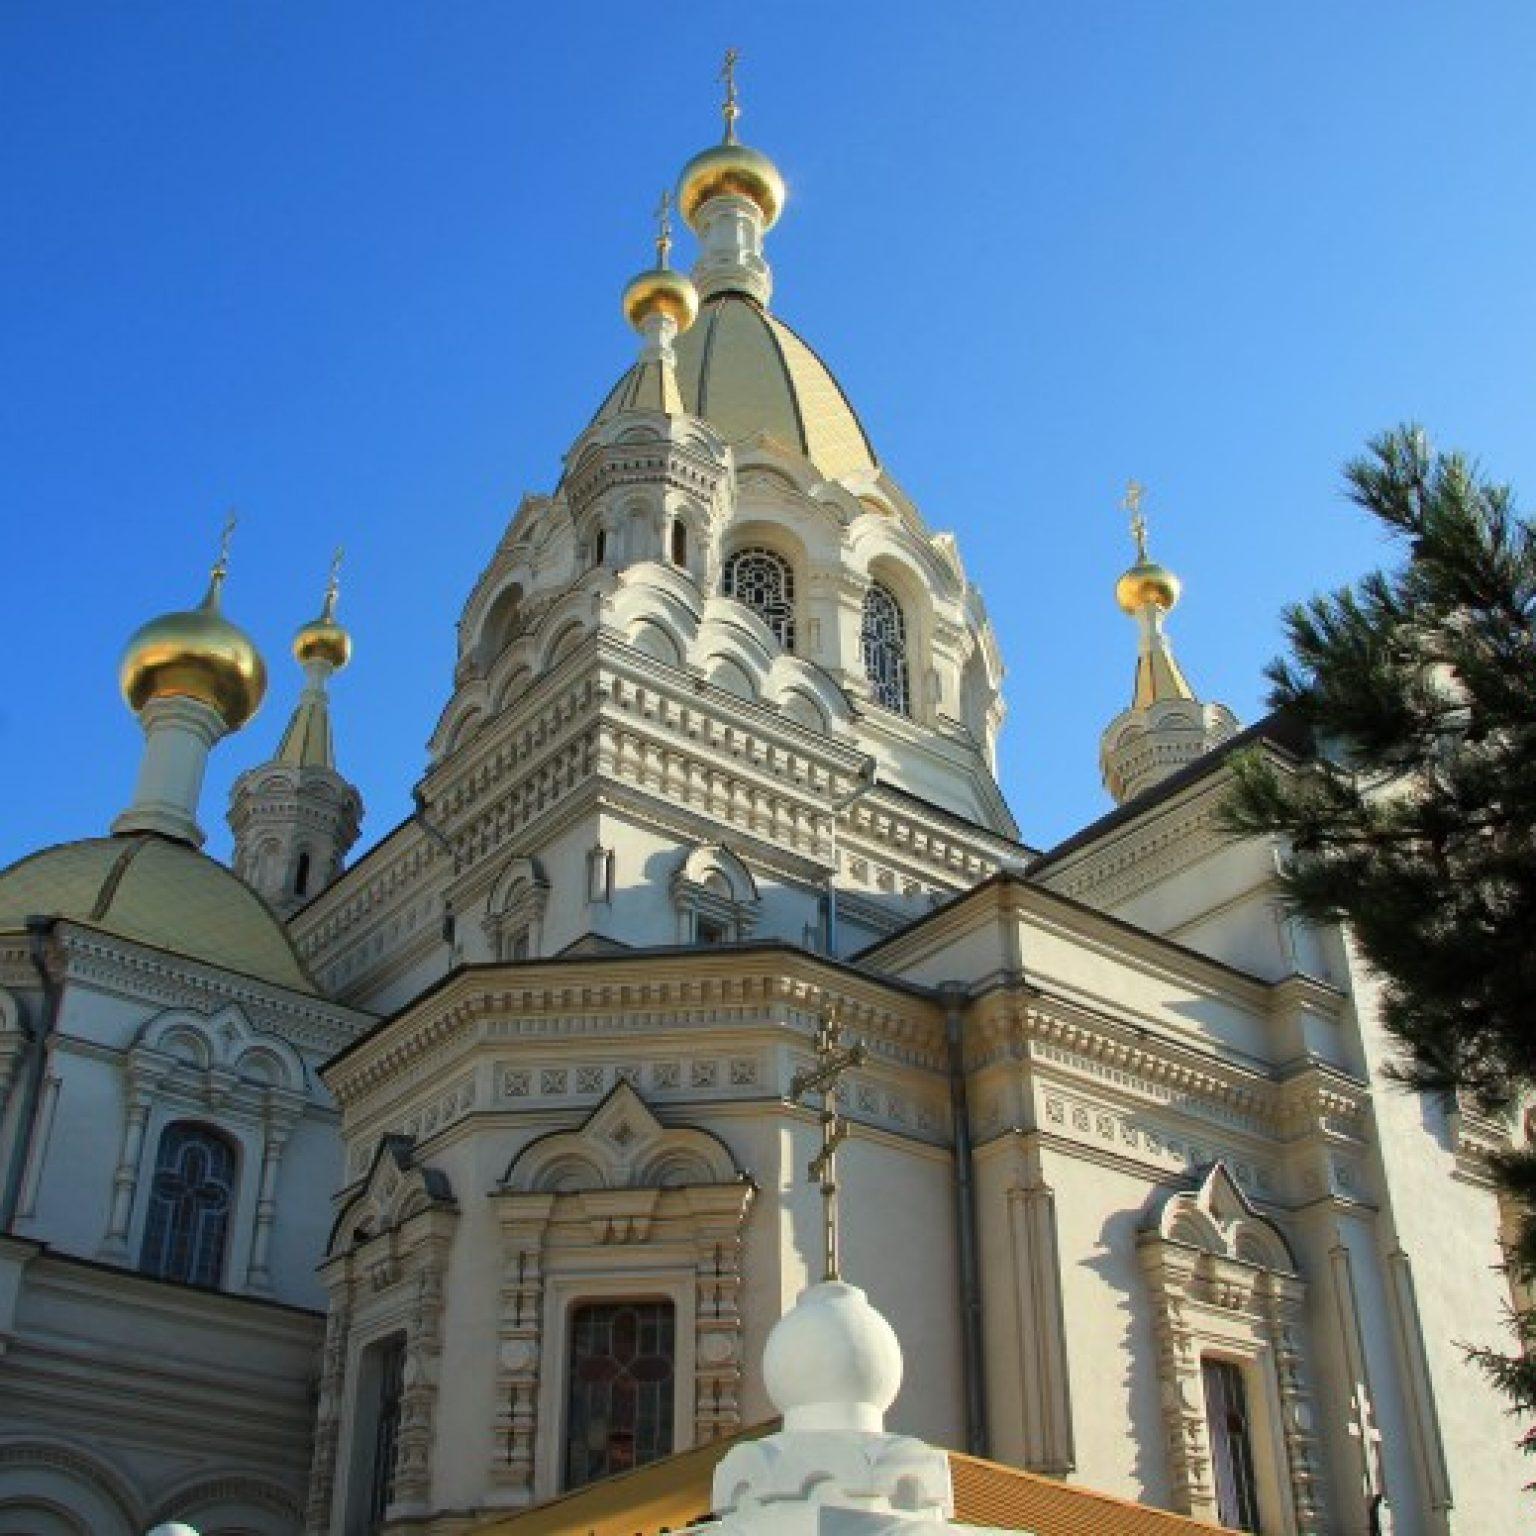 Достопримечательности Севастополя - Покровский собор